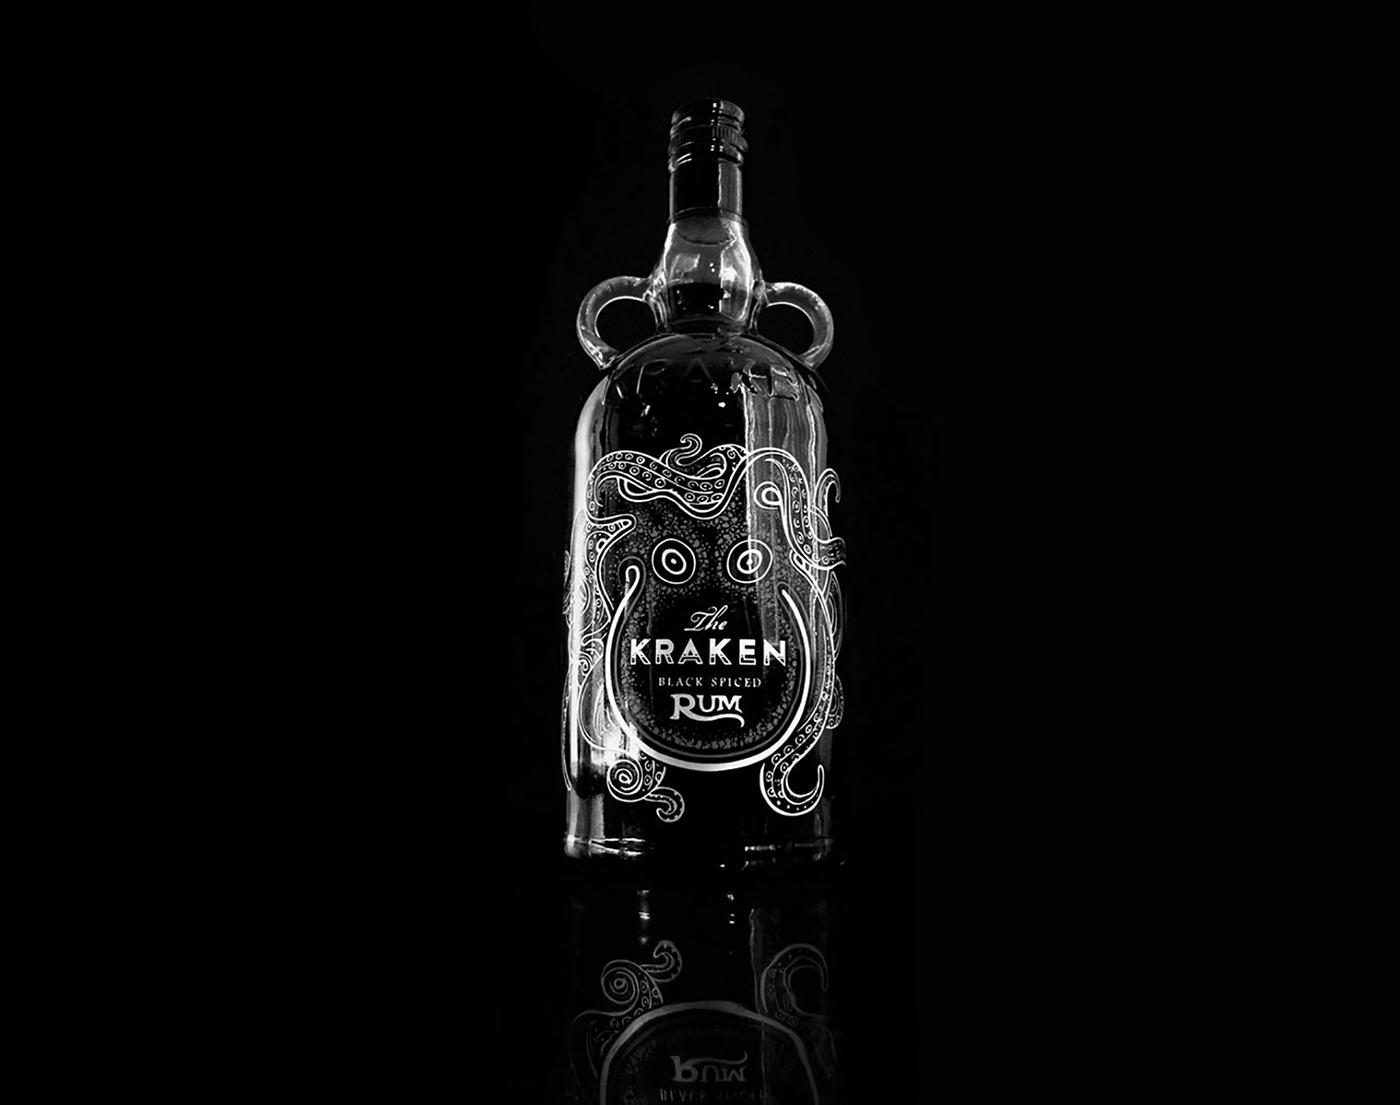 release the kraken rum